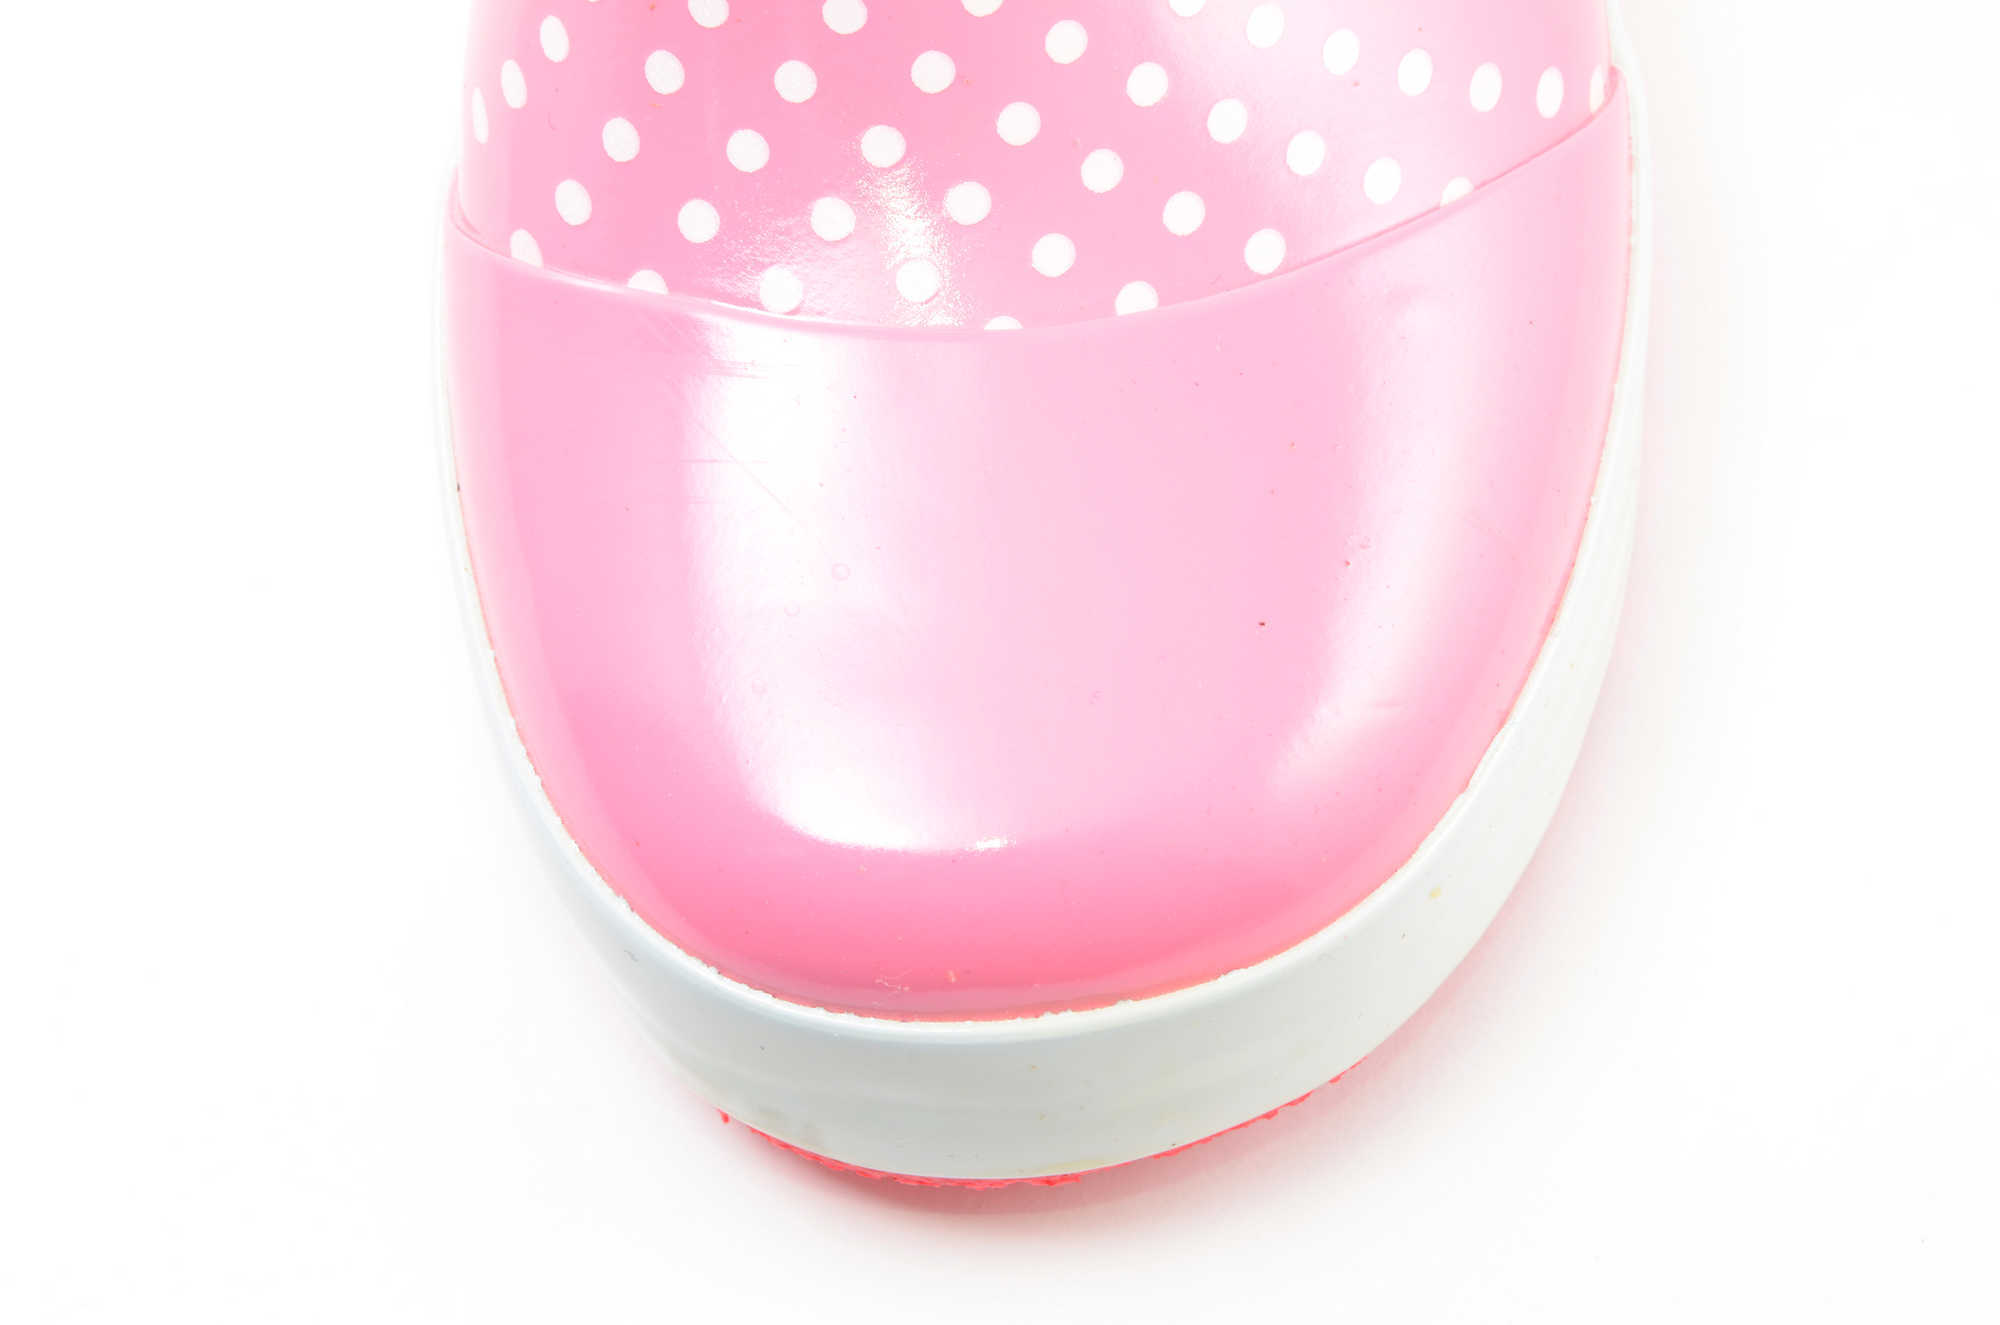 Резиновые сапоги для девочек утепленные Хелло Китти (Hello Kitty), цвет розовый